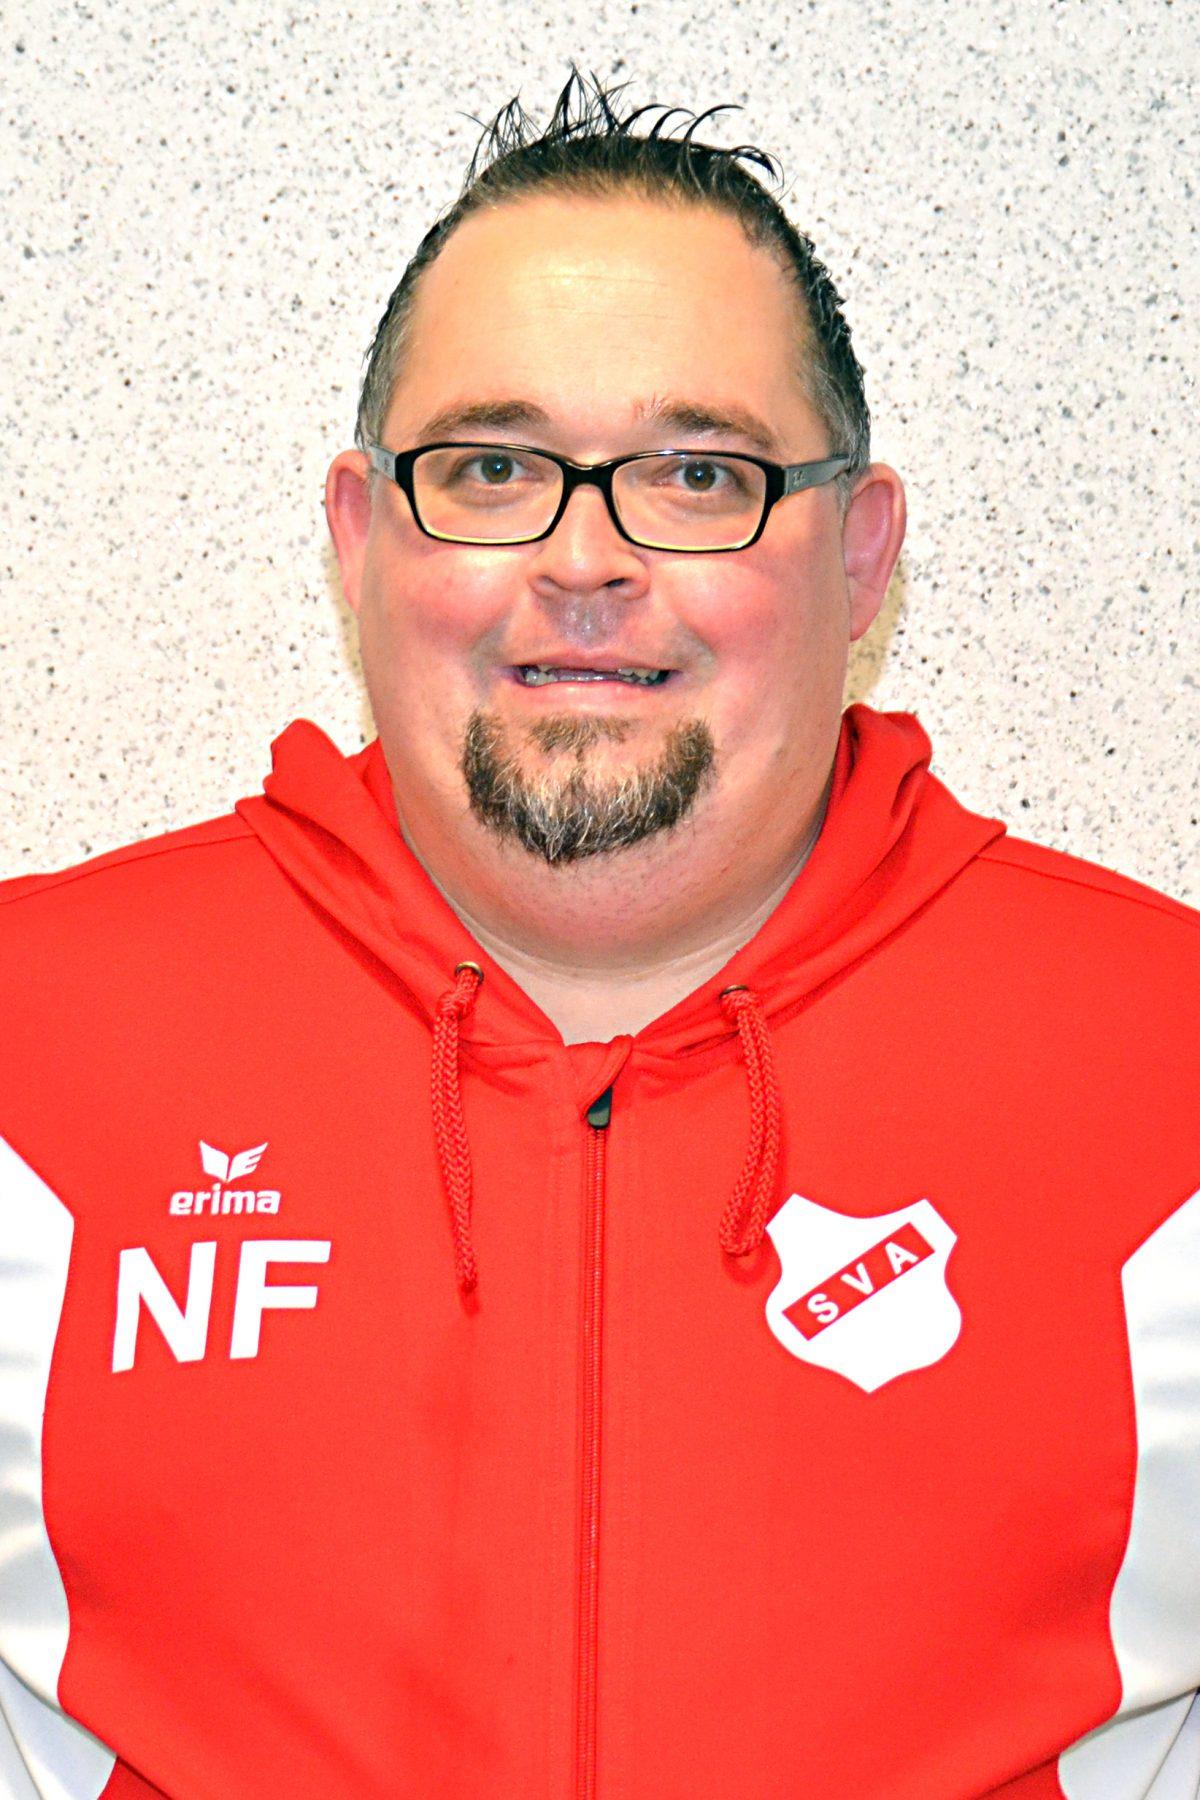 Nils Finke